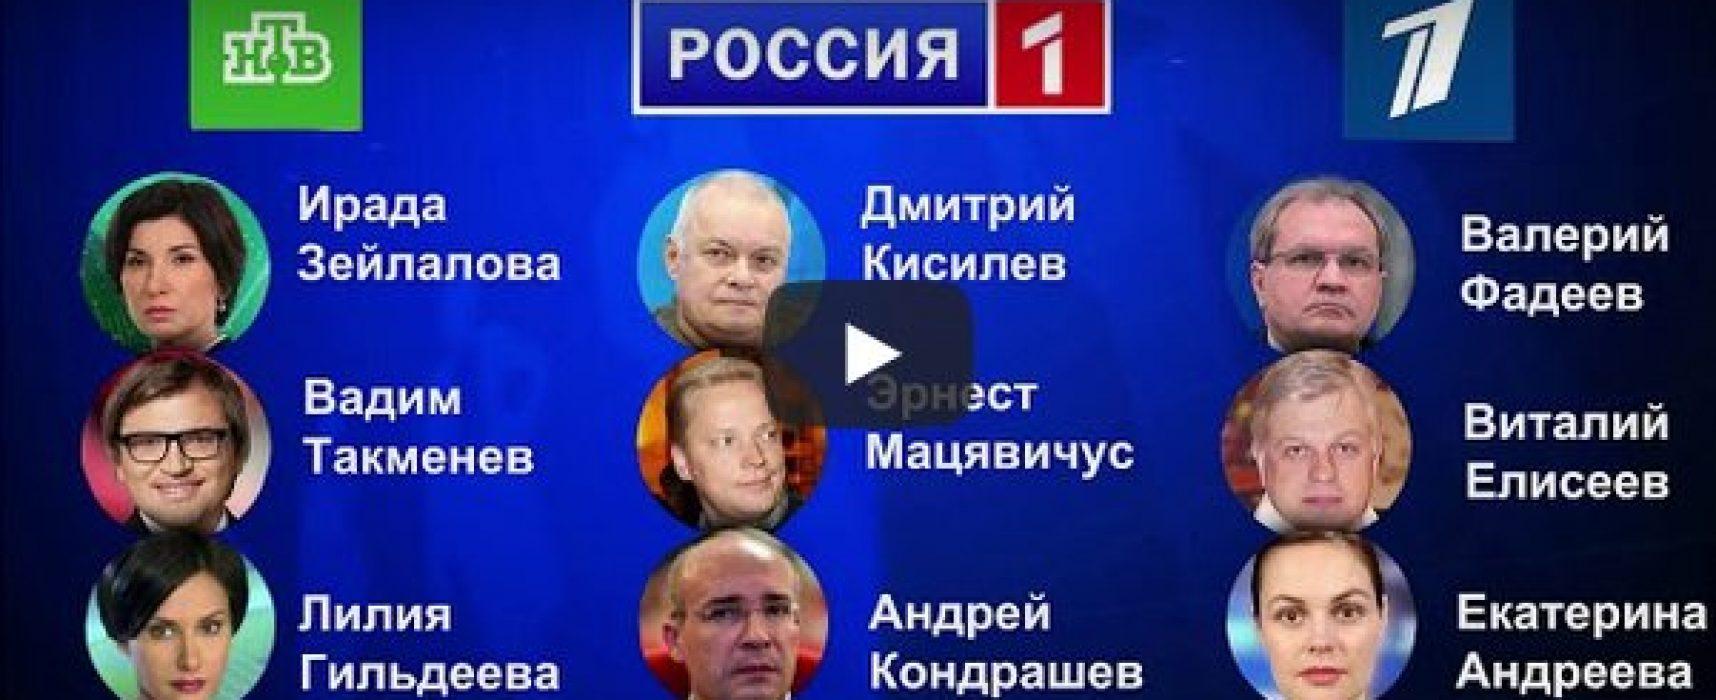 ARU.tv: Лица кремлёвской пропаганды